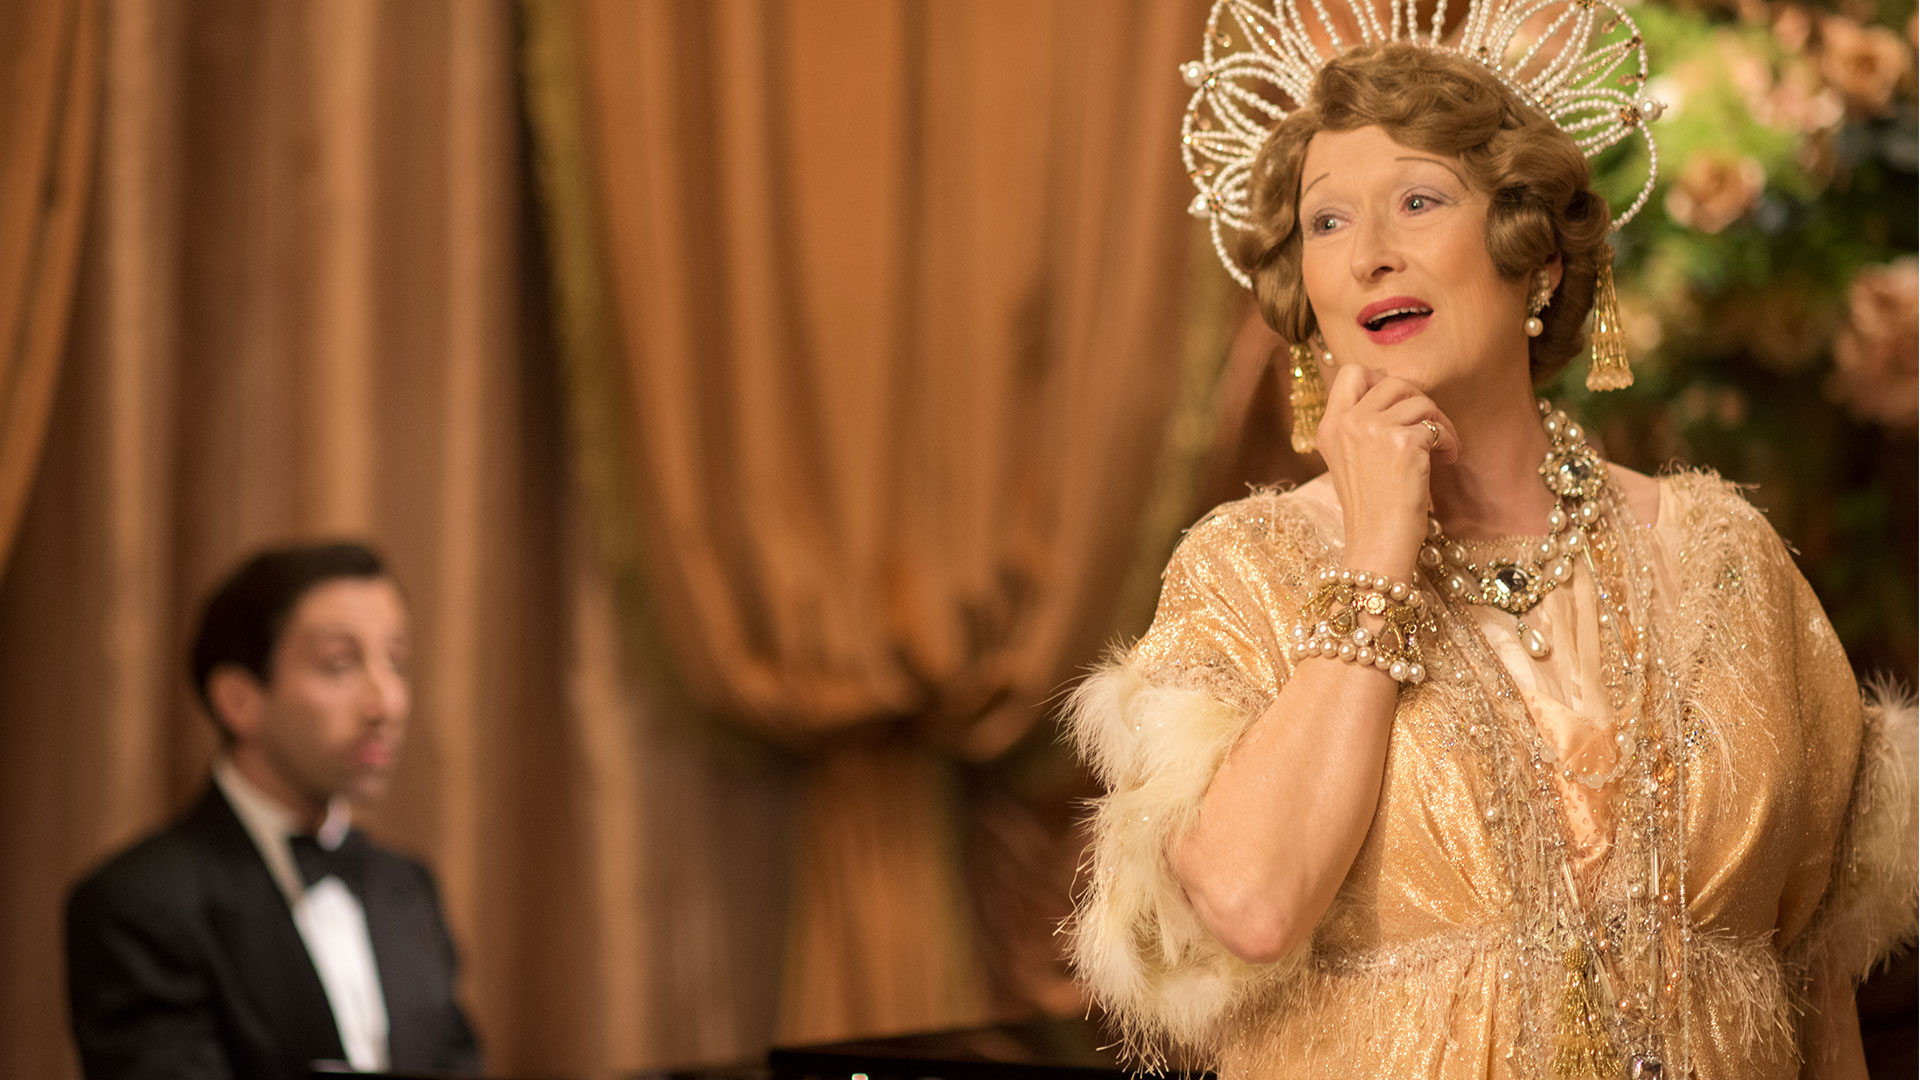 Meryl Streep as Florence